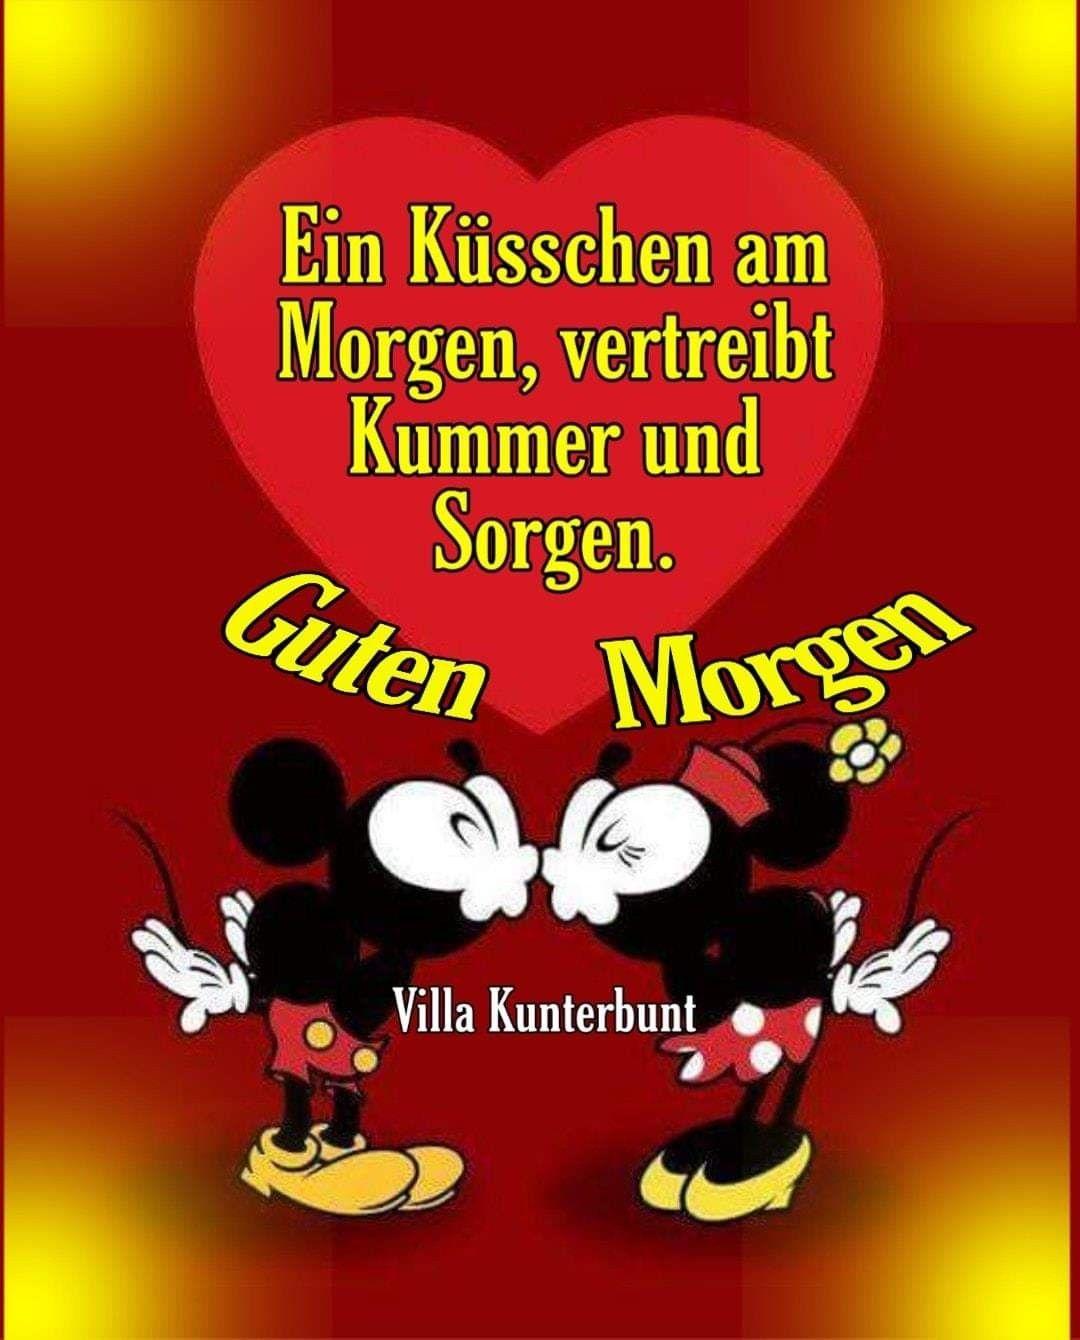 Pin Von Minie Maus Auf Guten Morgen Guten Morgen Kuss